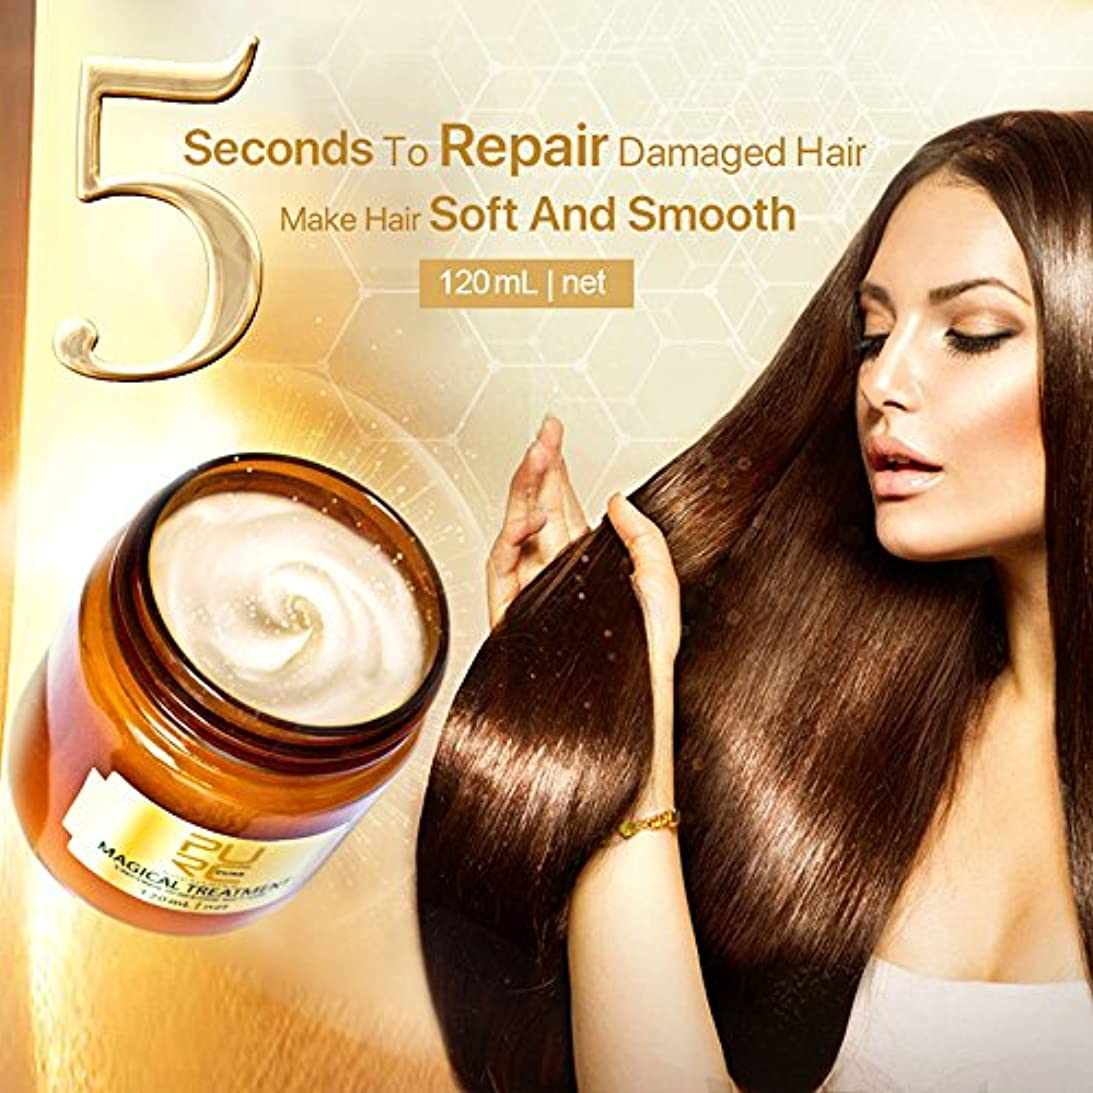 再開エイリアス先例ディープリペア軟膏ヘアマスク 高度な分子 毛根治療の回復 魔法のヘアマスクは コンディショナー ヘアケアコンディショ すべての髪のタイプのケラチンヘアの柔らかい髪を復元します (120ML)